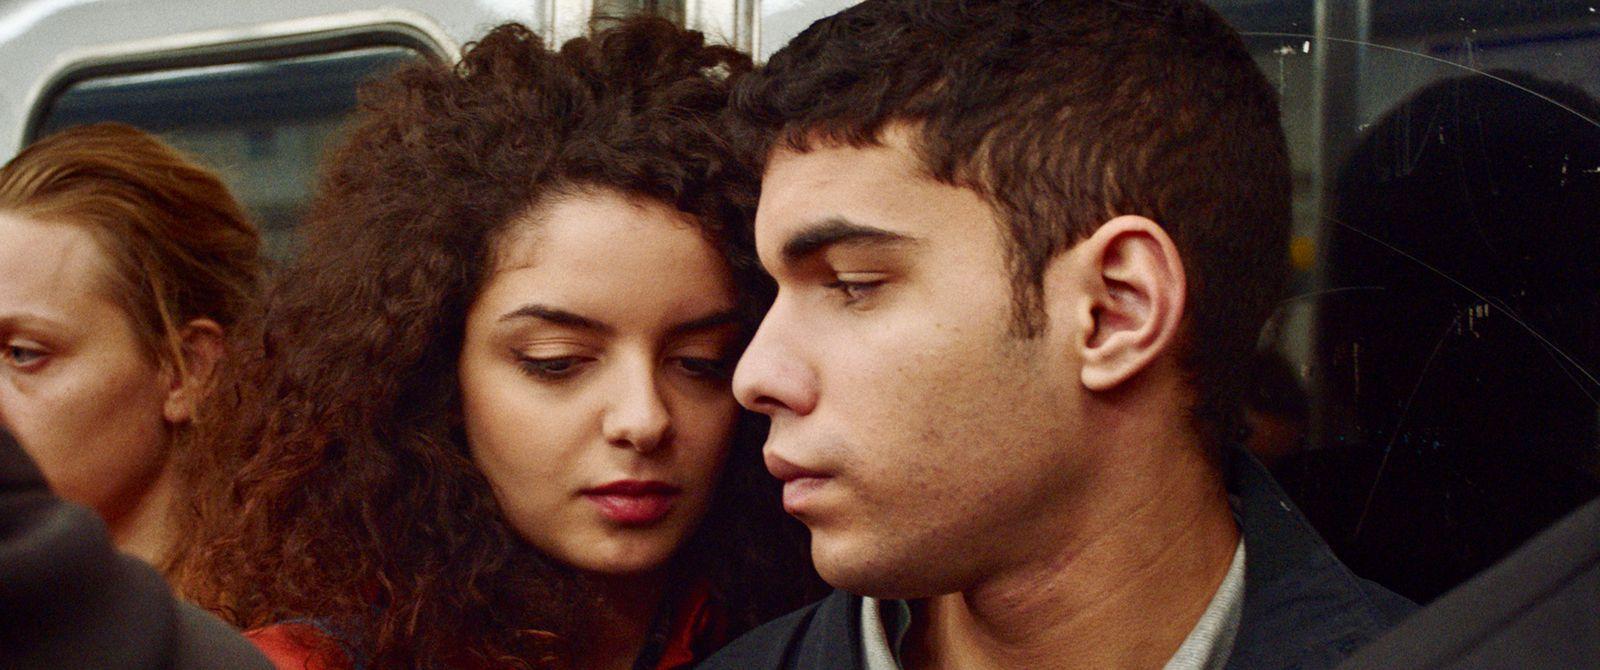 Une histoire d'amour et de désir (BANDE-ANNONCE) de Leyla Bouzid - Le 1er septembre 2021 au cinéma